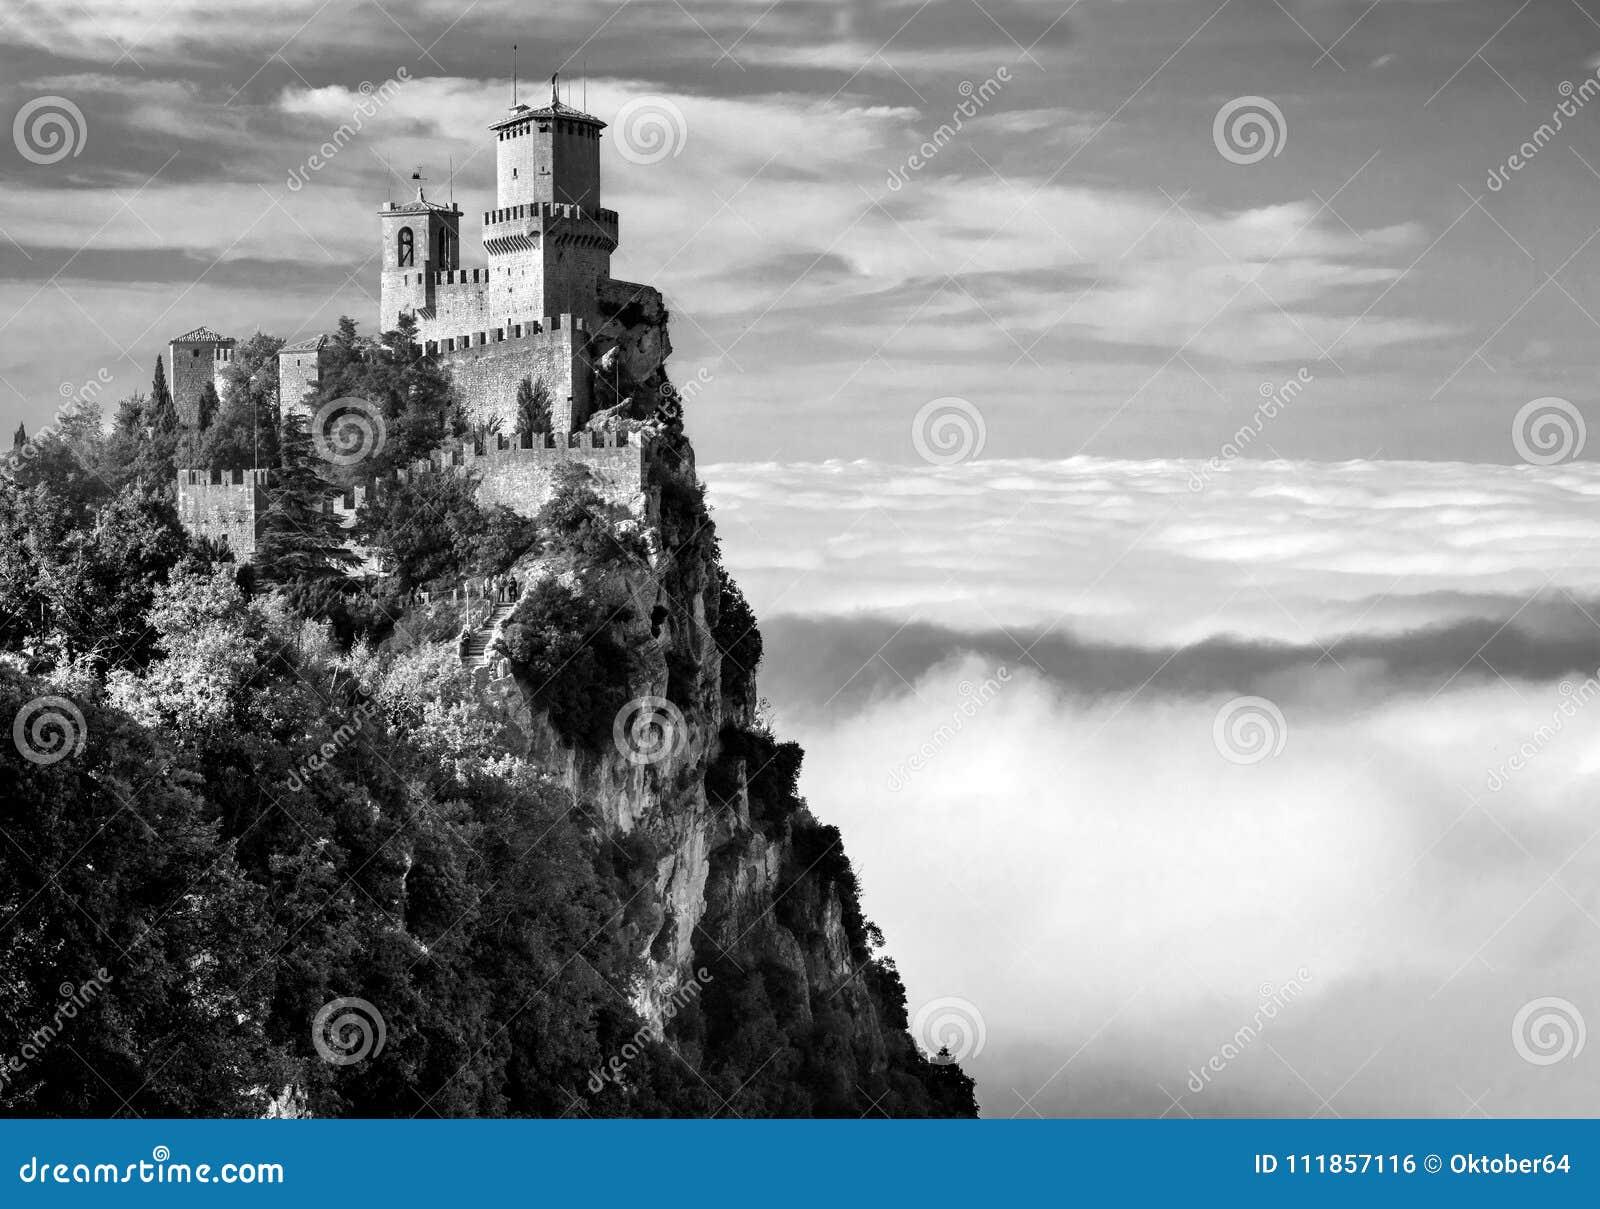 Rocca della Guaita, the most ancient fortress of San Marino, Italy. Black and white photo